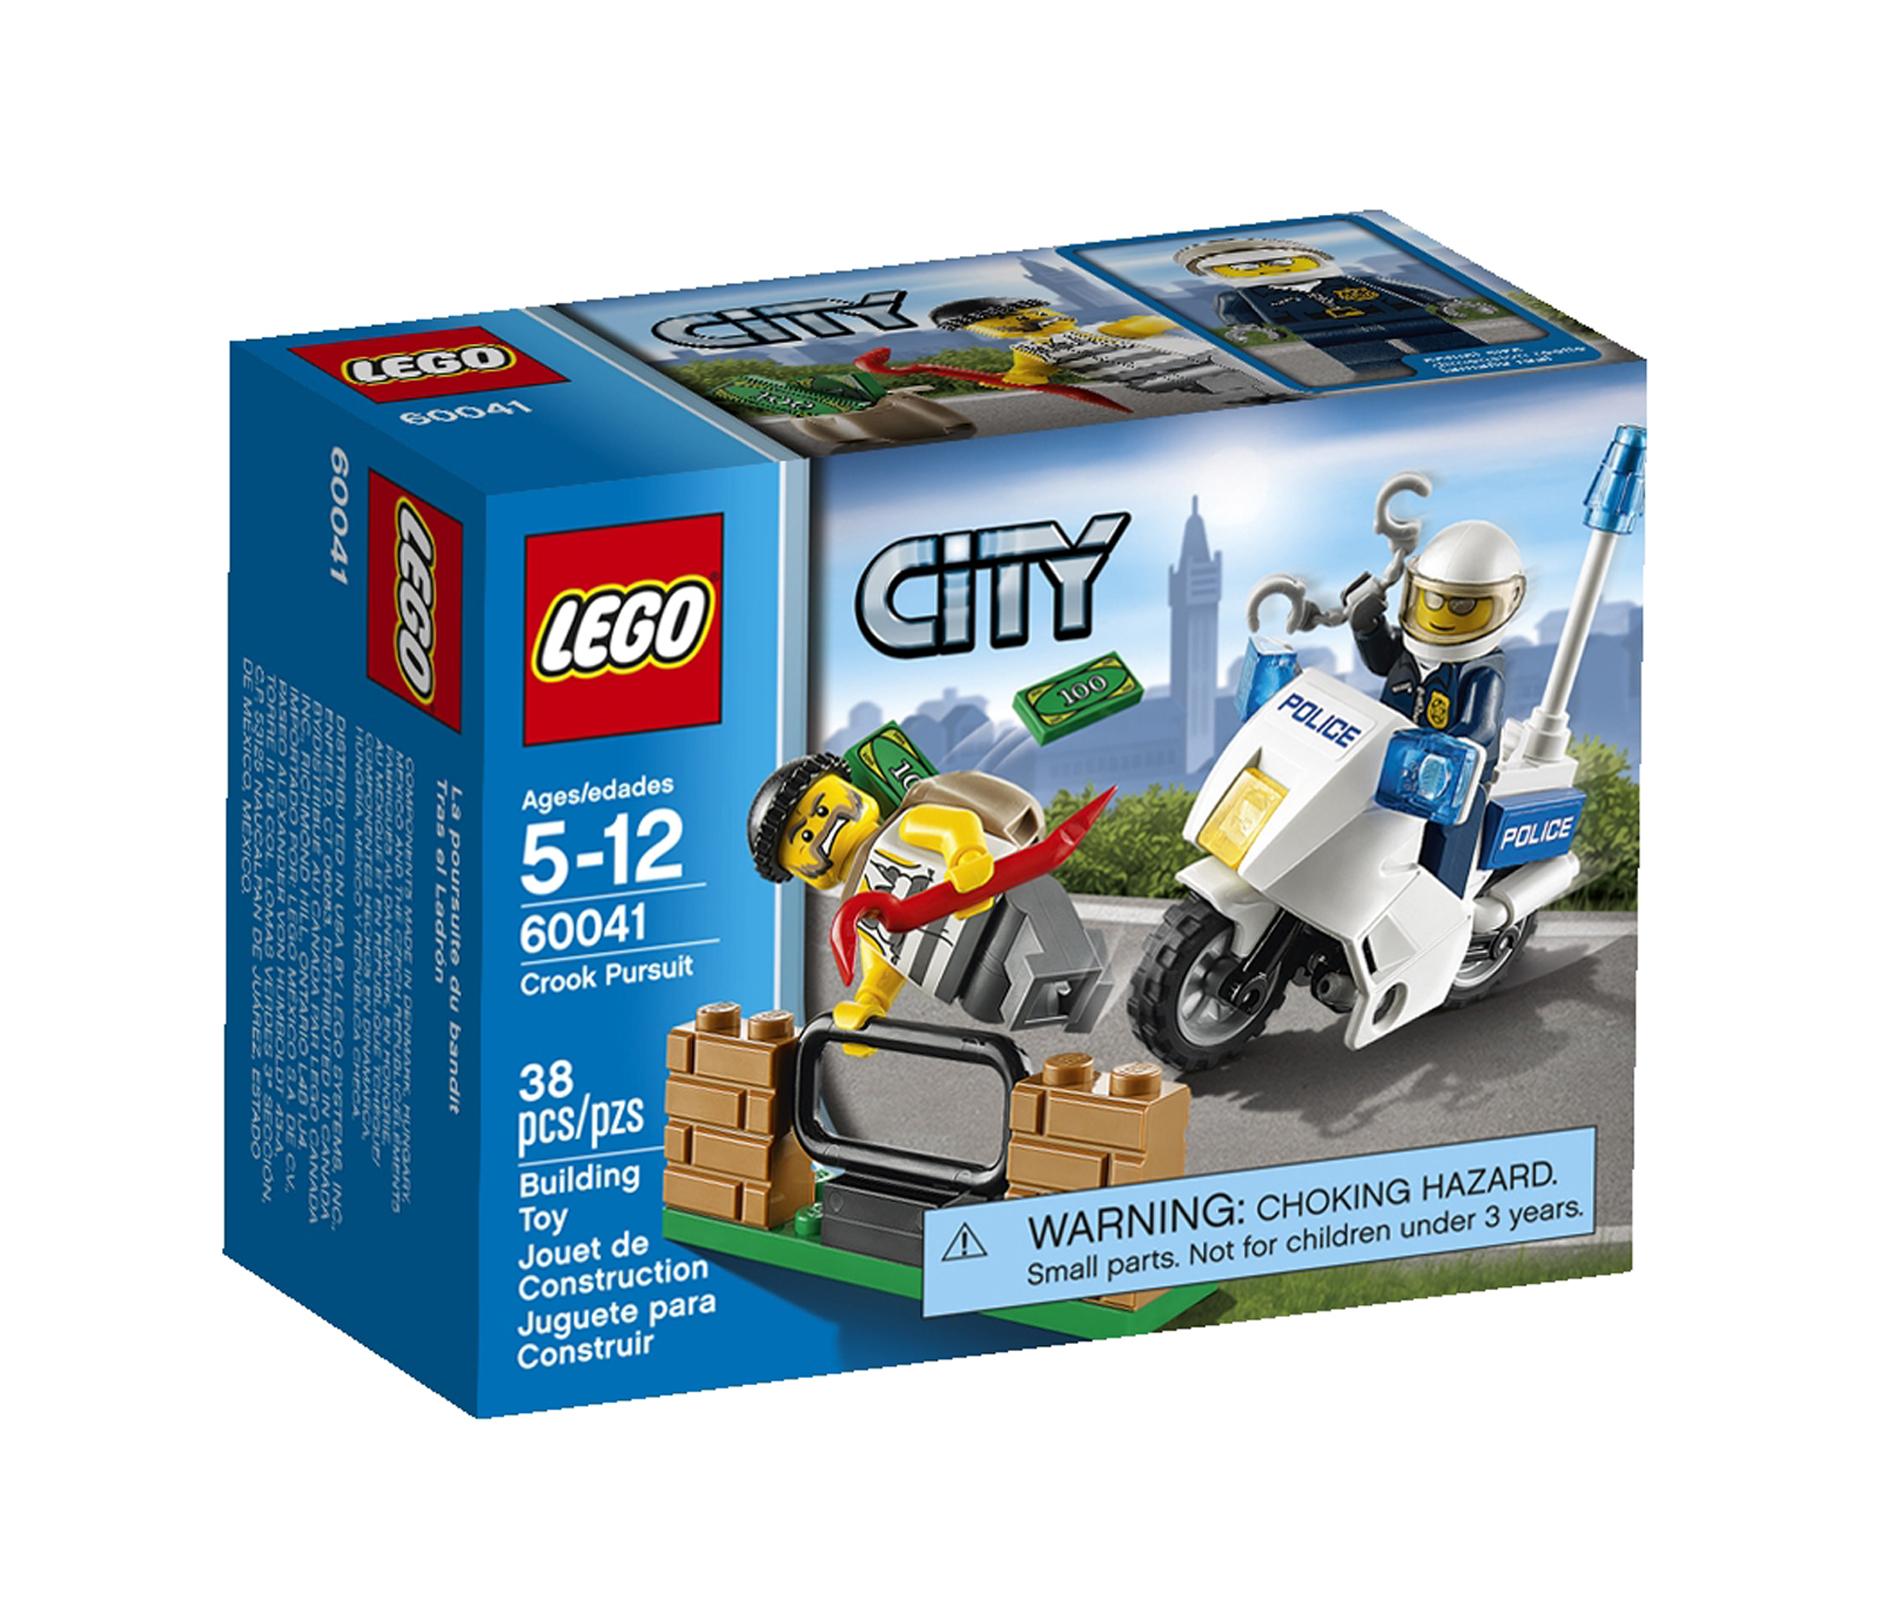 LEGO CITY Police Crook Pursuit #60041